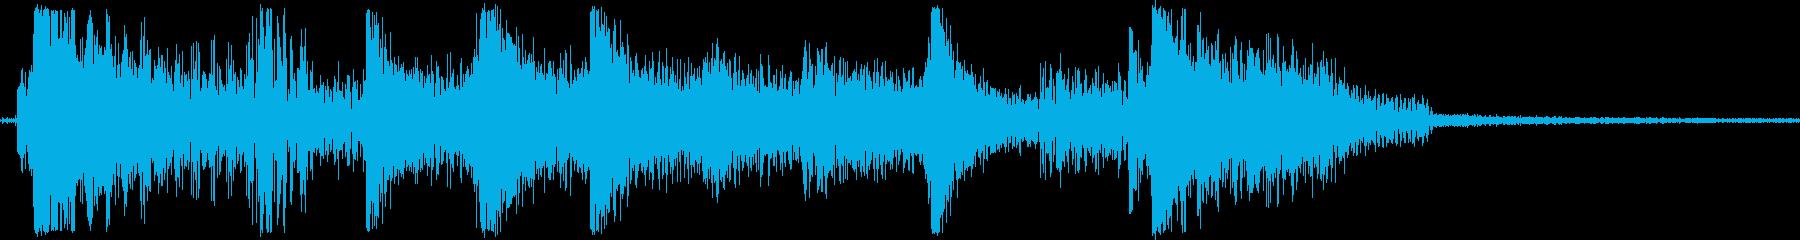 エレクトリックベース、クリーンなス...の再生済みの波形